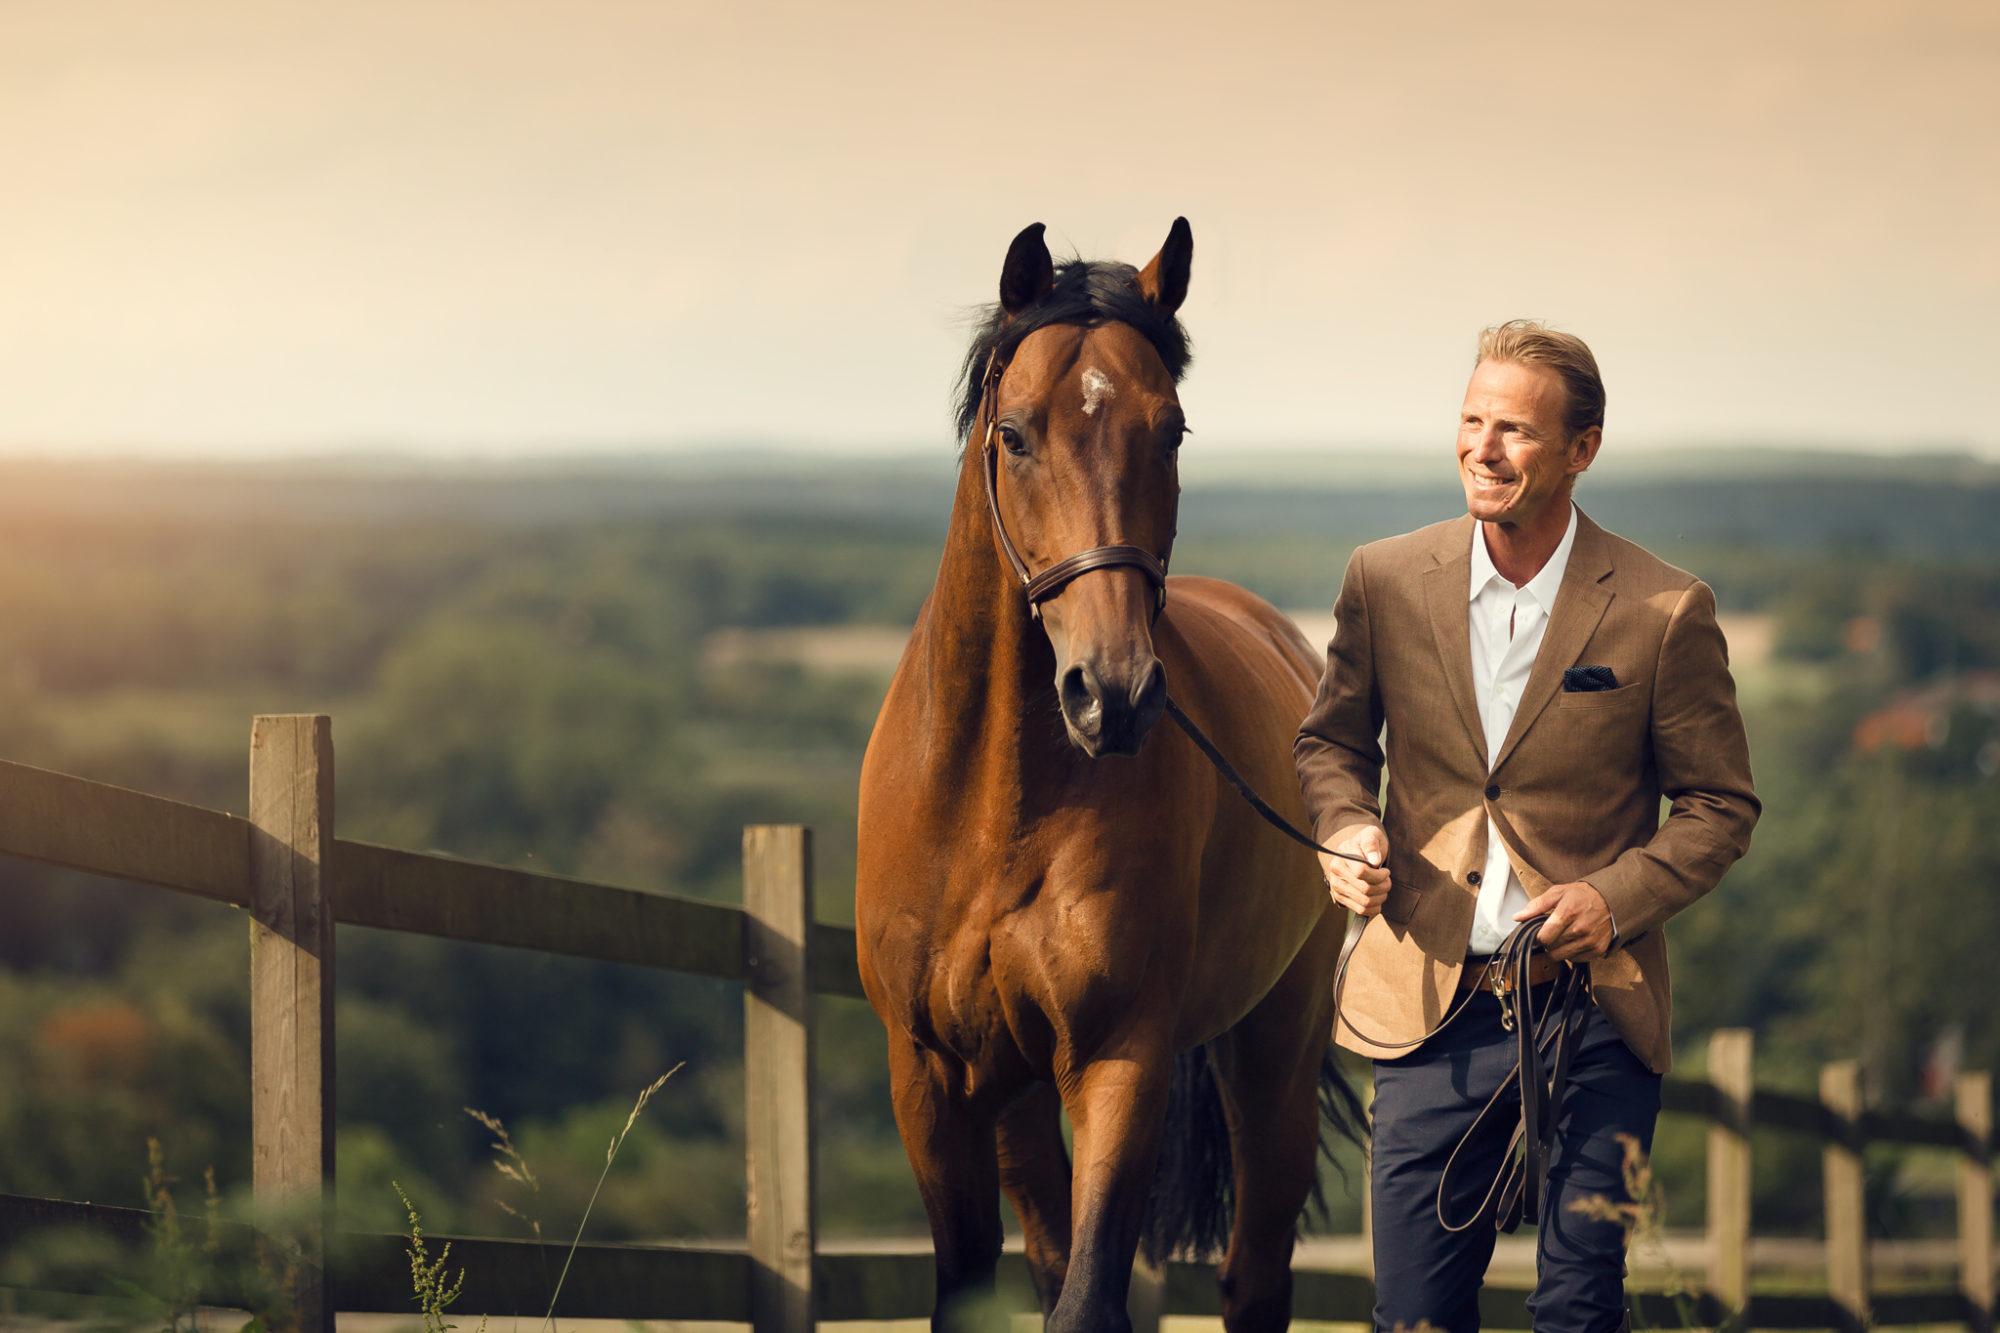 Peder och en häst fotograferas med horisonten som bakgrund